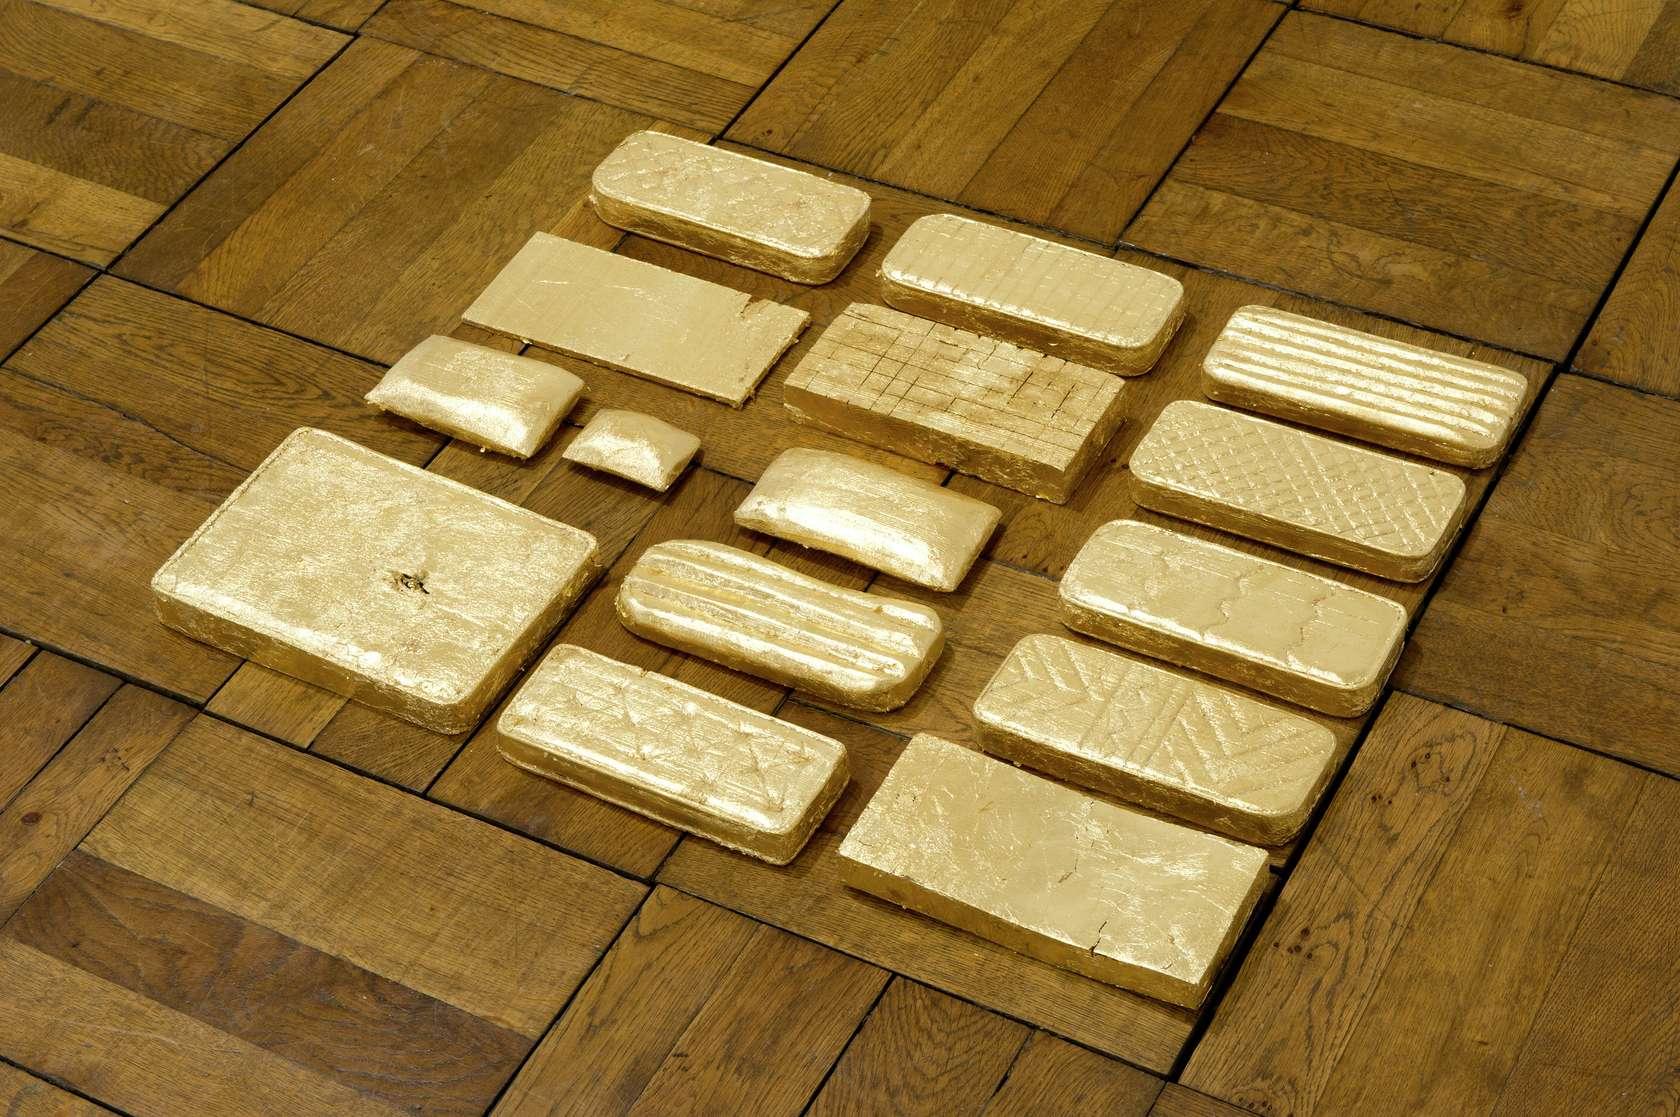 Laurent Le Deunff, Matelas dorés, 2012 Feuille d'or sur bois65 x 3 x 50 cm / 25 5/8 x 1 1/8 x 19 5/8 inches